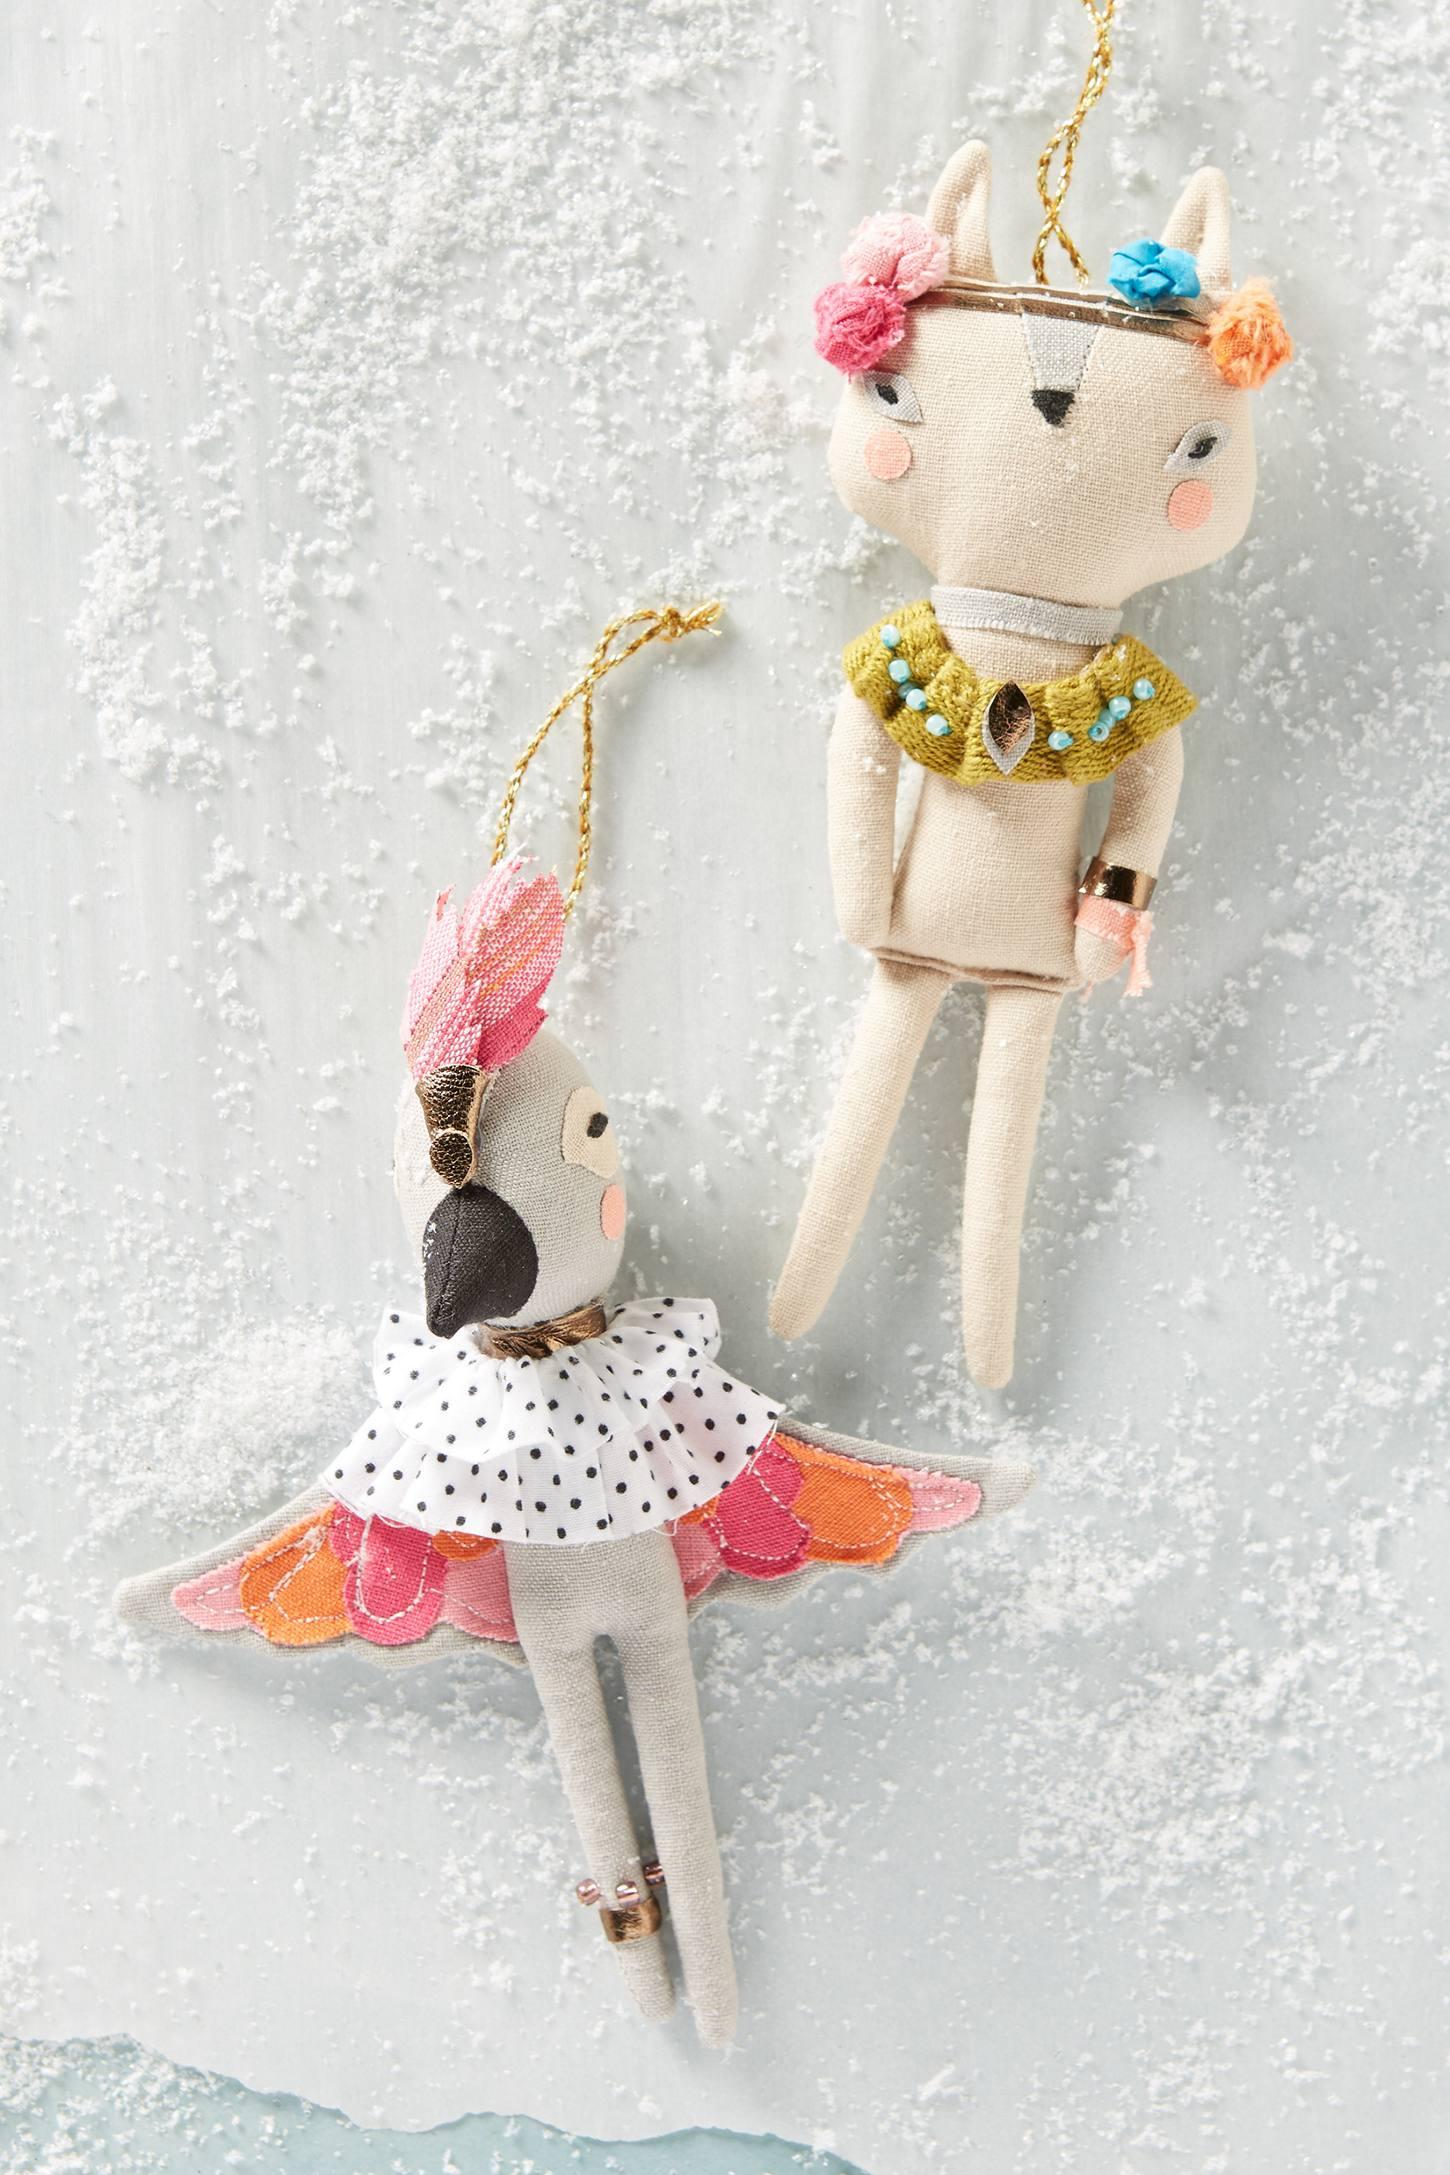 Fashionable Fauna Ornament